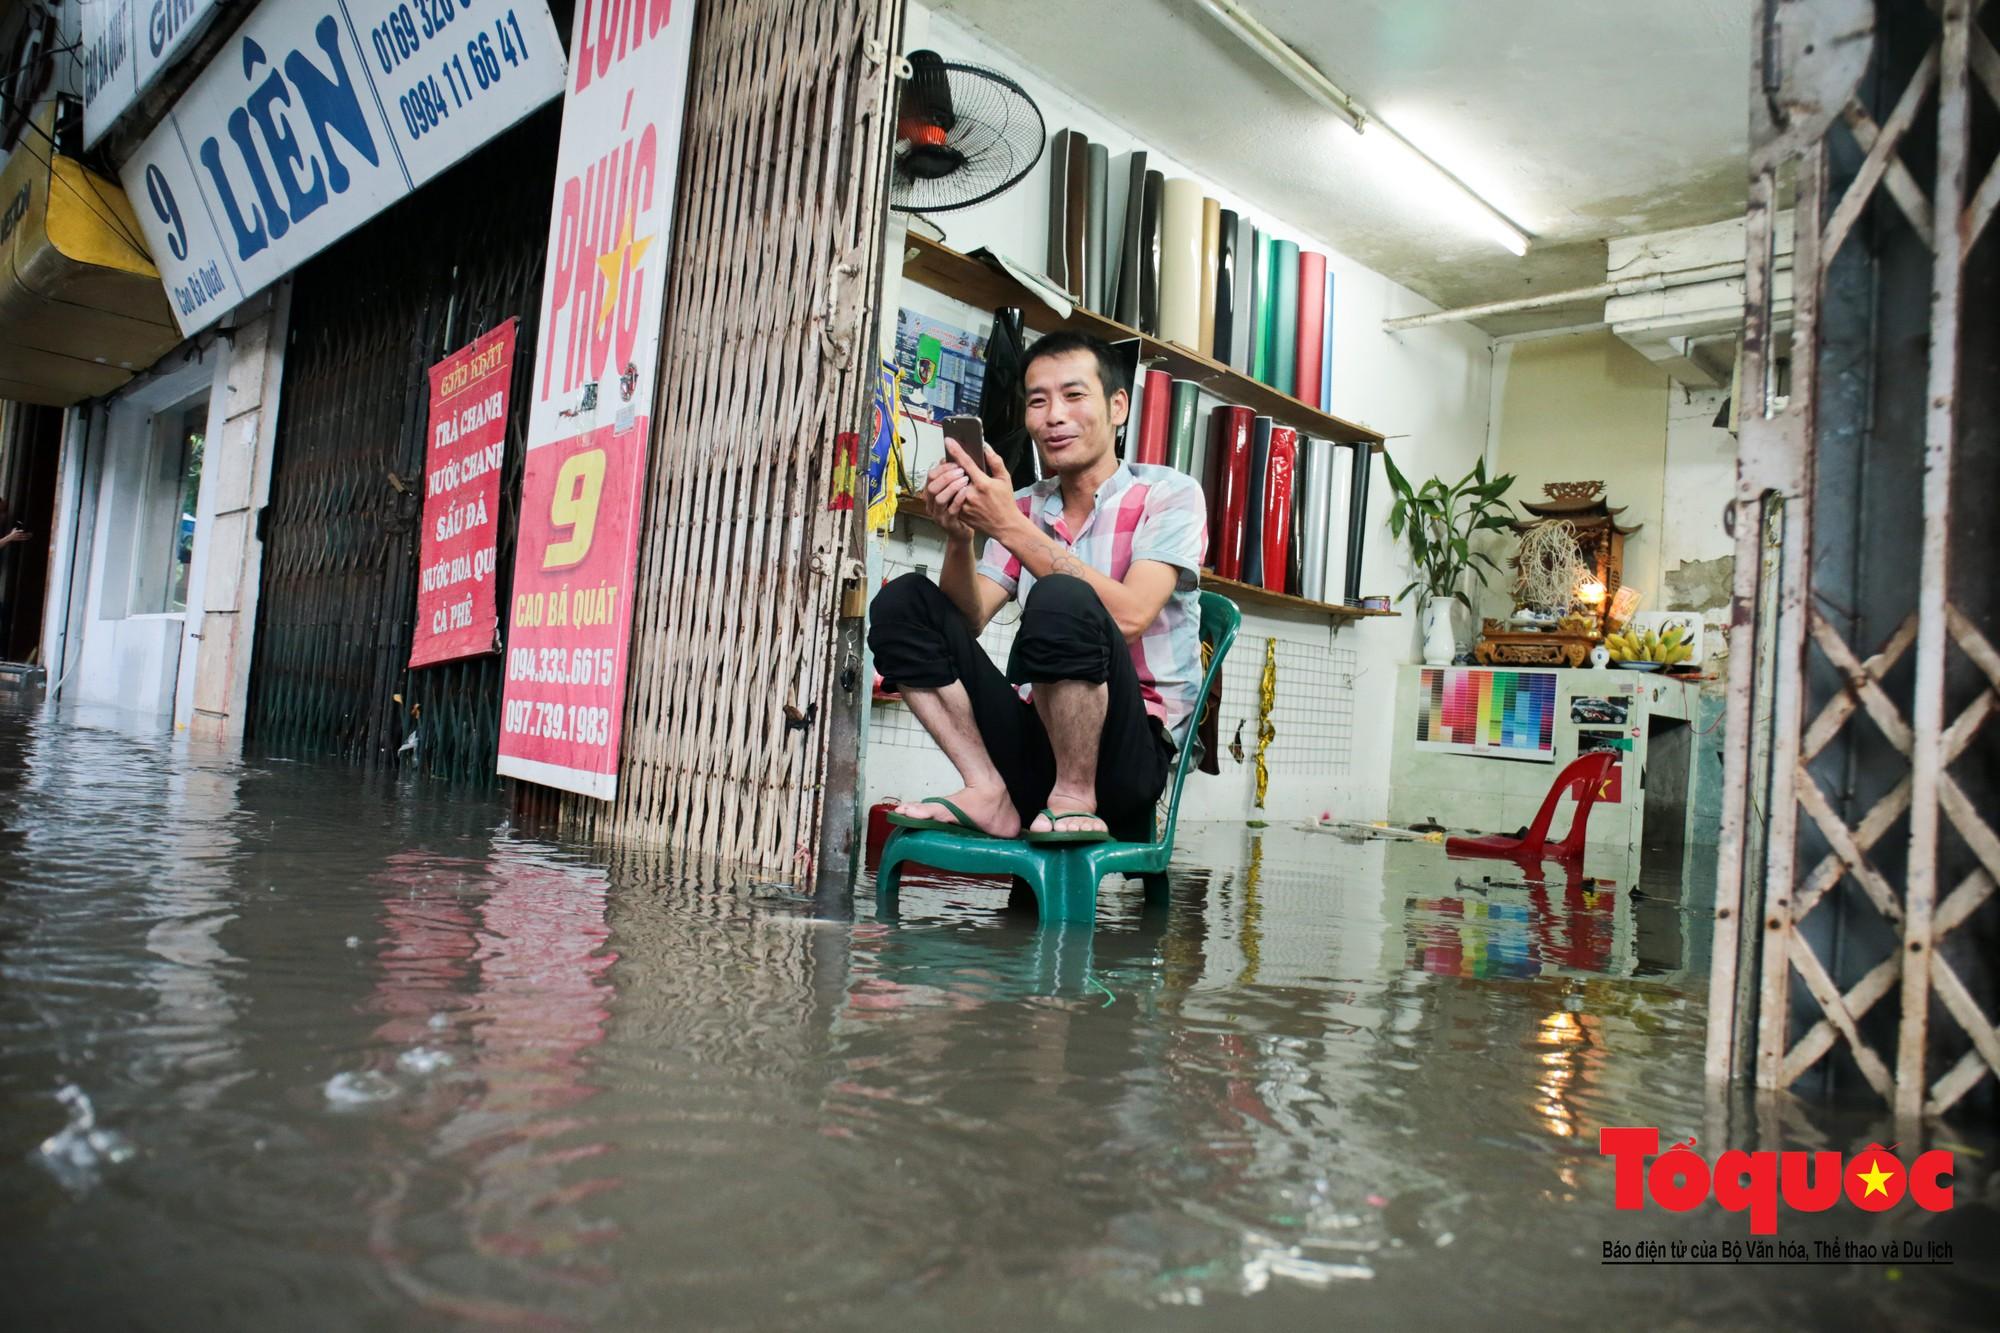 Hà Nội mưa lớn bất ngờ, nhiều tuyến đường lại ngập trong sâu biển nước24